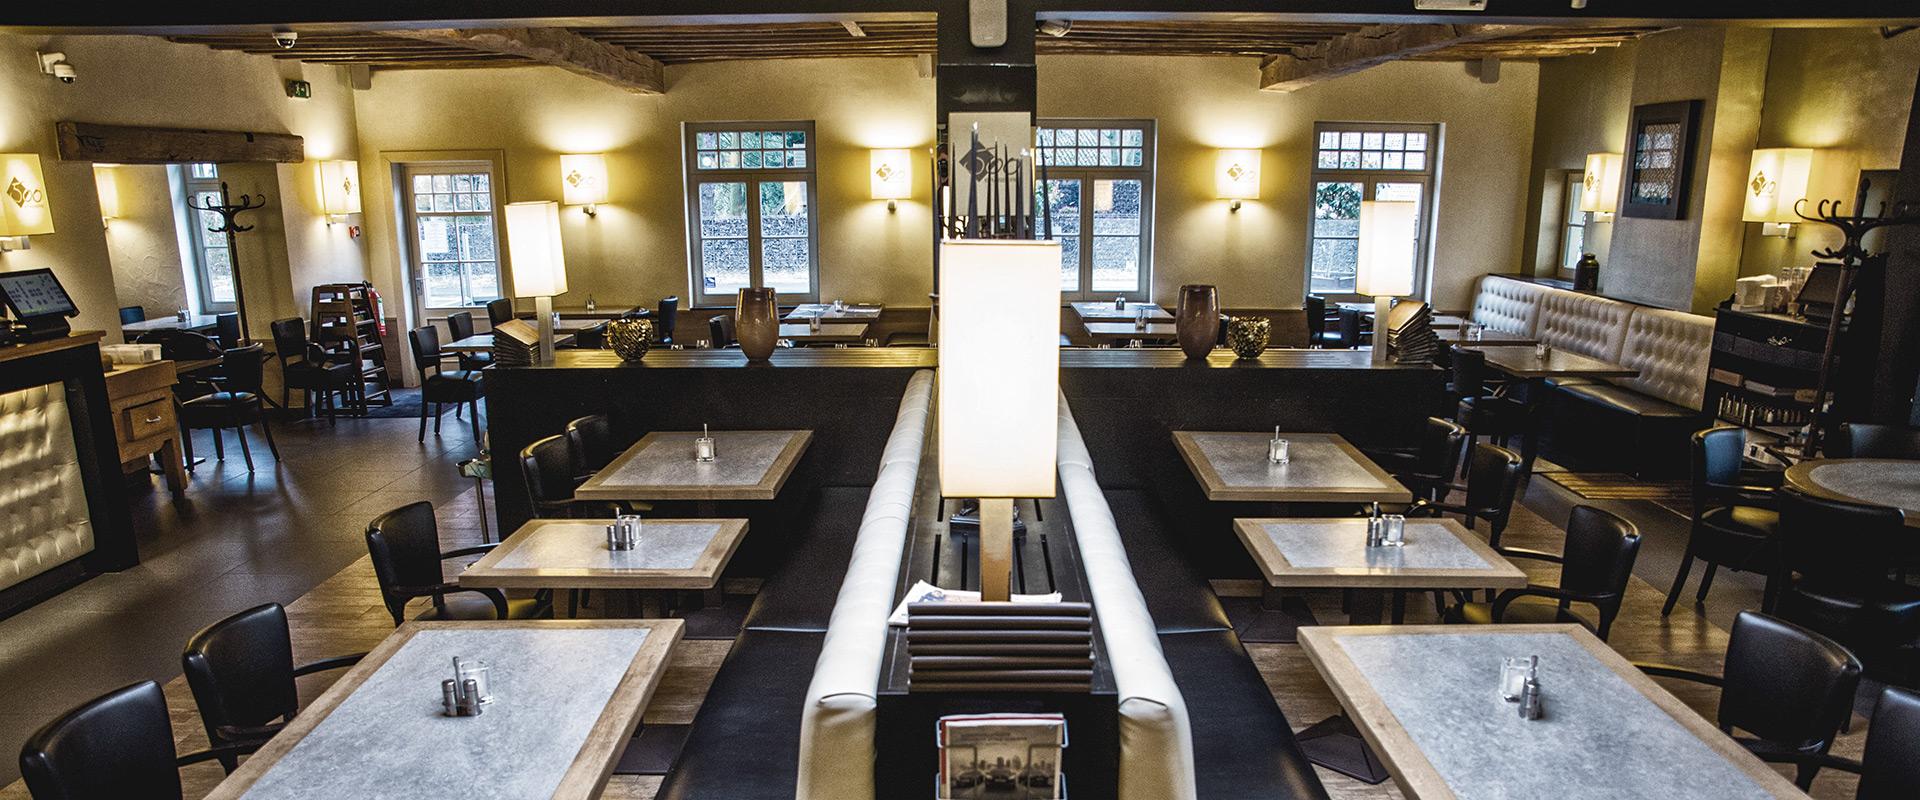 Grand Café - Grand Café 500